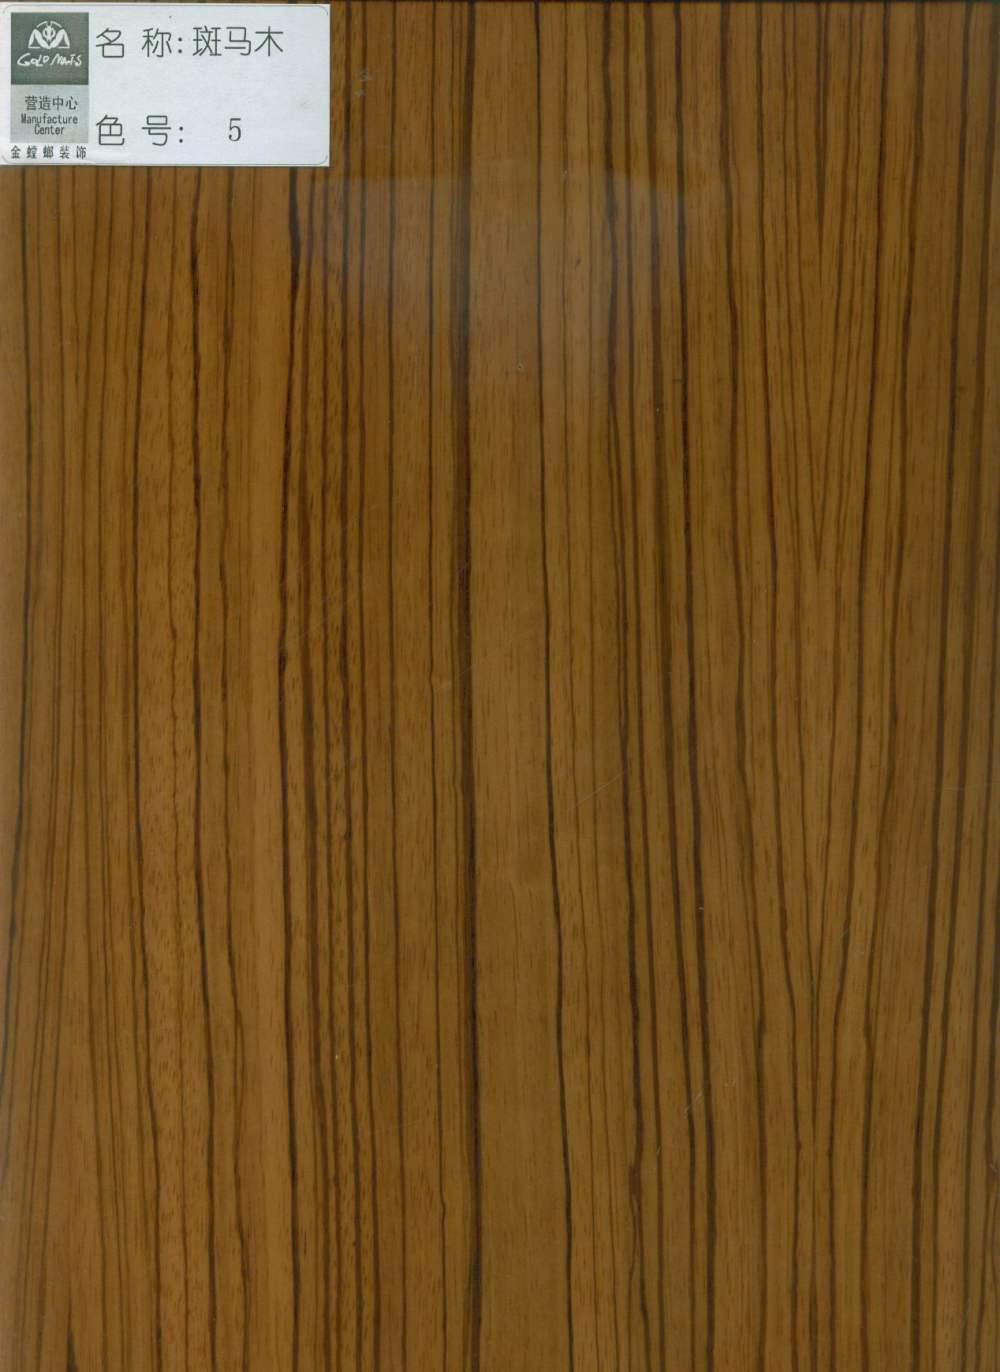 斑马木5号色.jpg